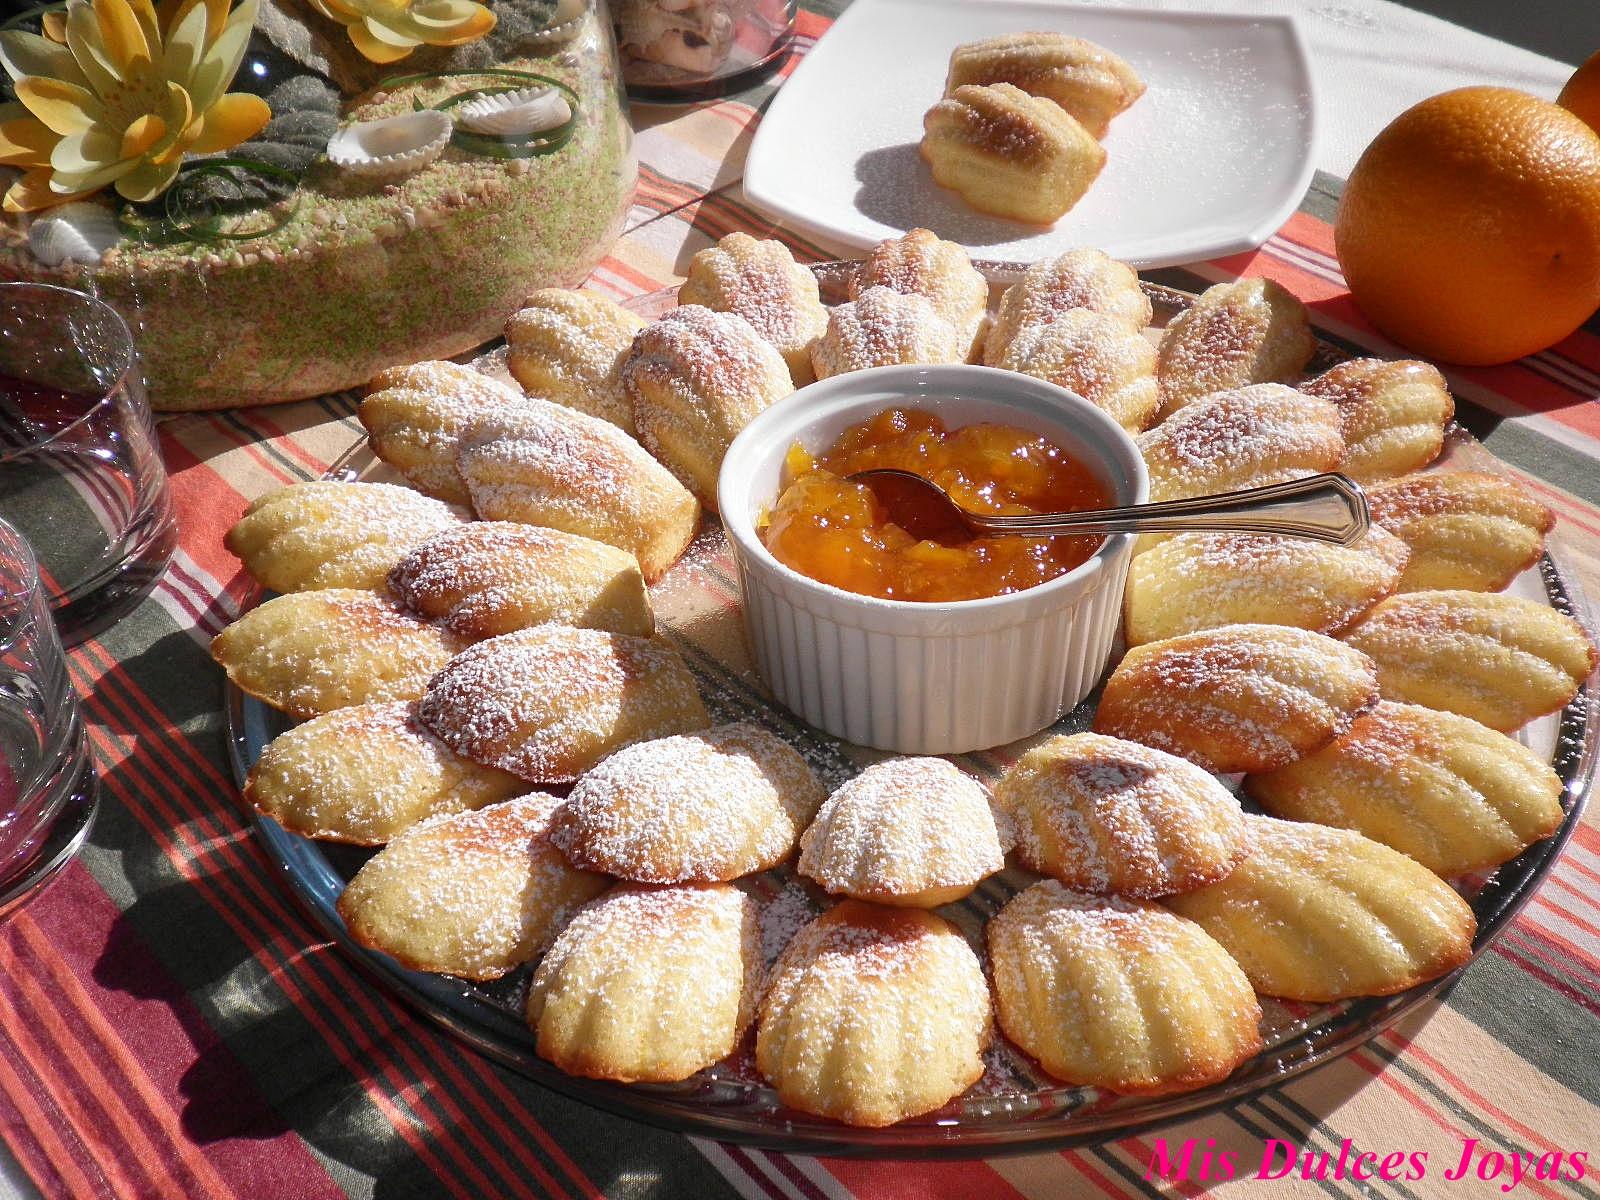 Madeleines magdalenas mis dulces joyas - Madalenas o magdalenas ...